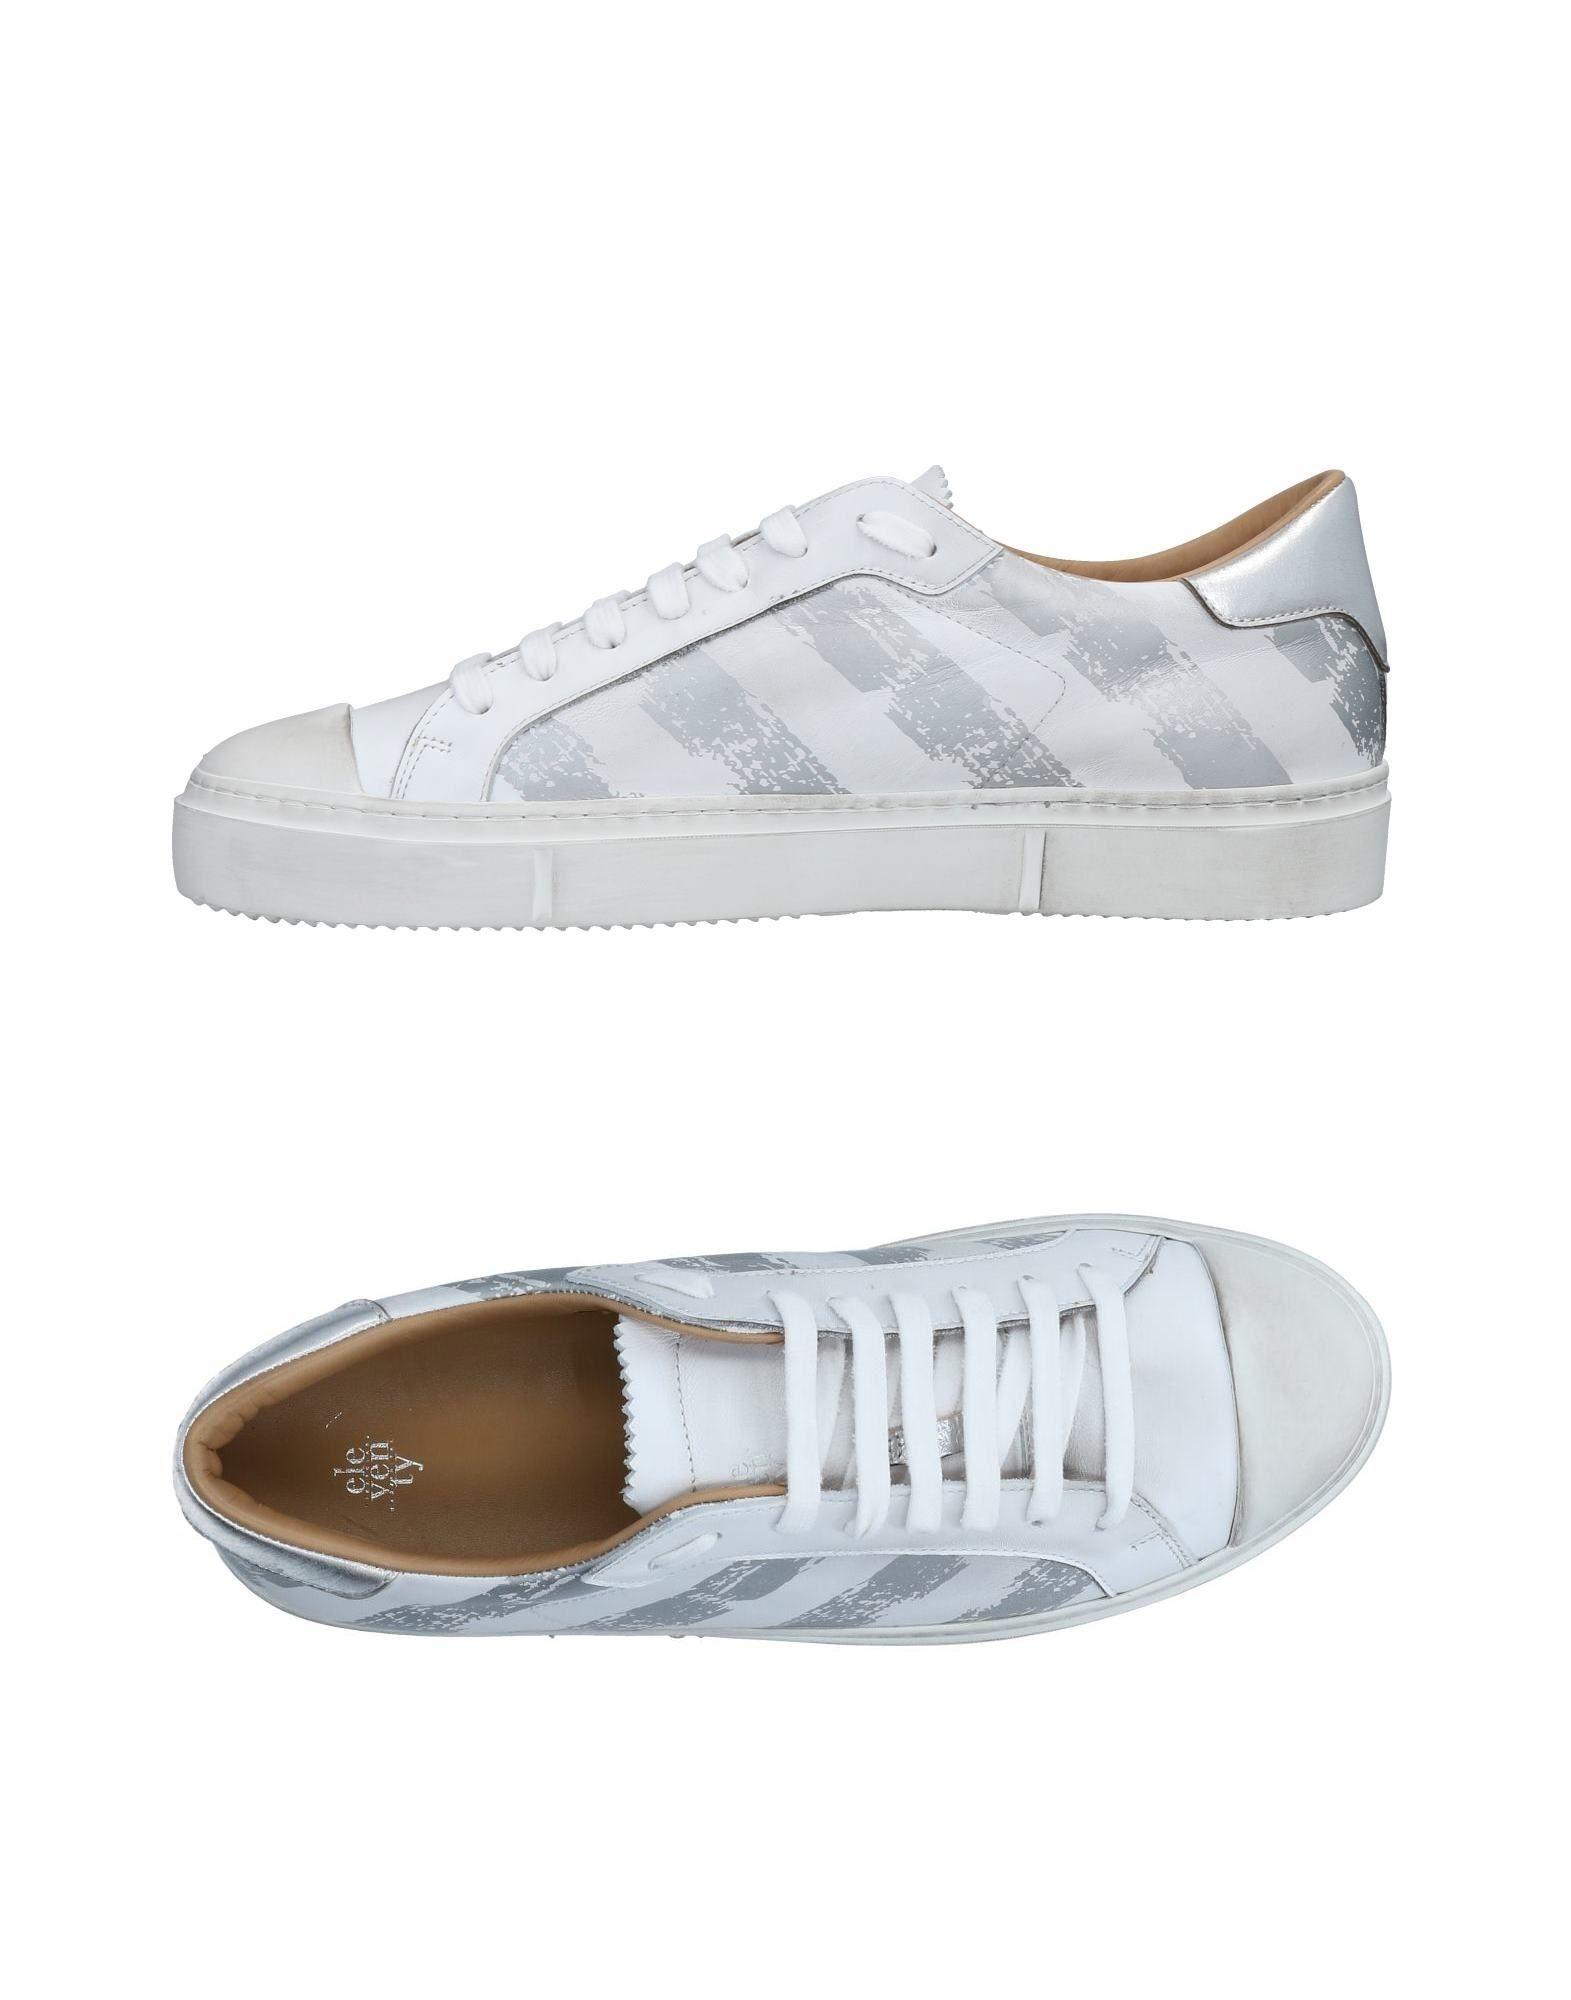 Eleventy Sneakers Herren Herren Sneakers  11469228AI ca1efb